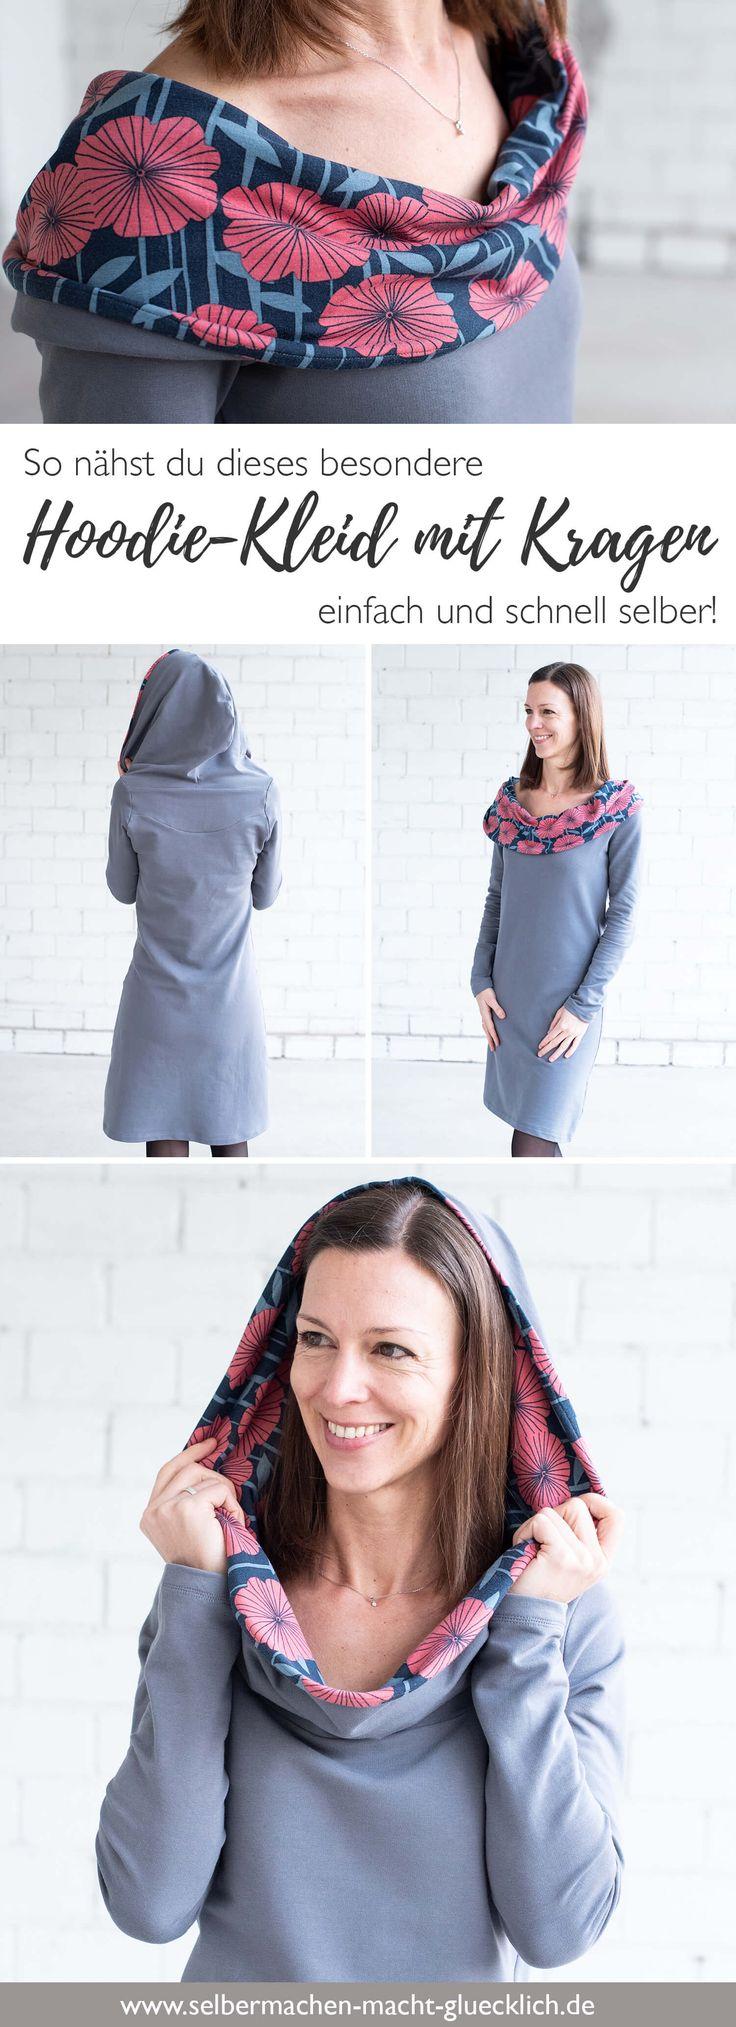 Hoodie-Kleid: Näh dir dieses besondere Schnittmuster einfach selber! – Selbermachen macht glücklich